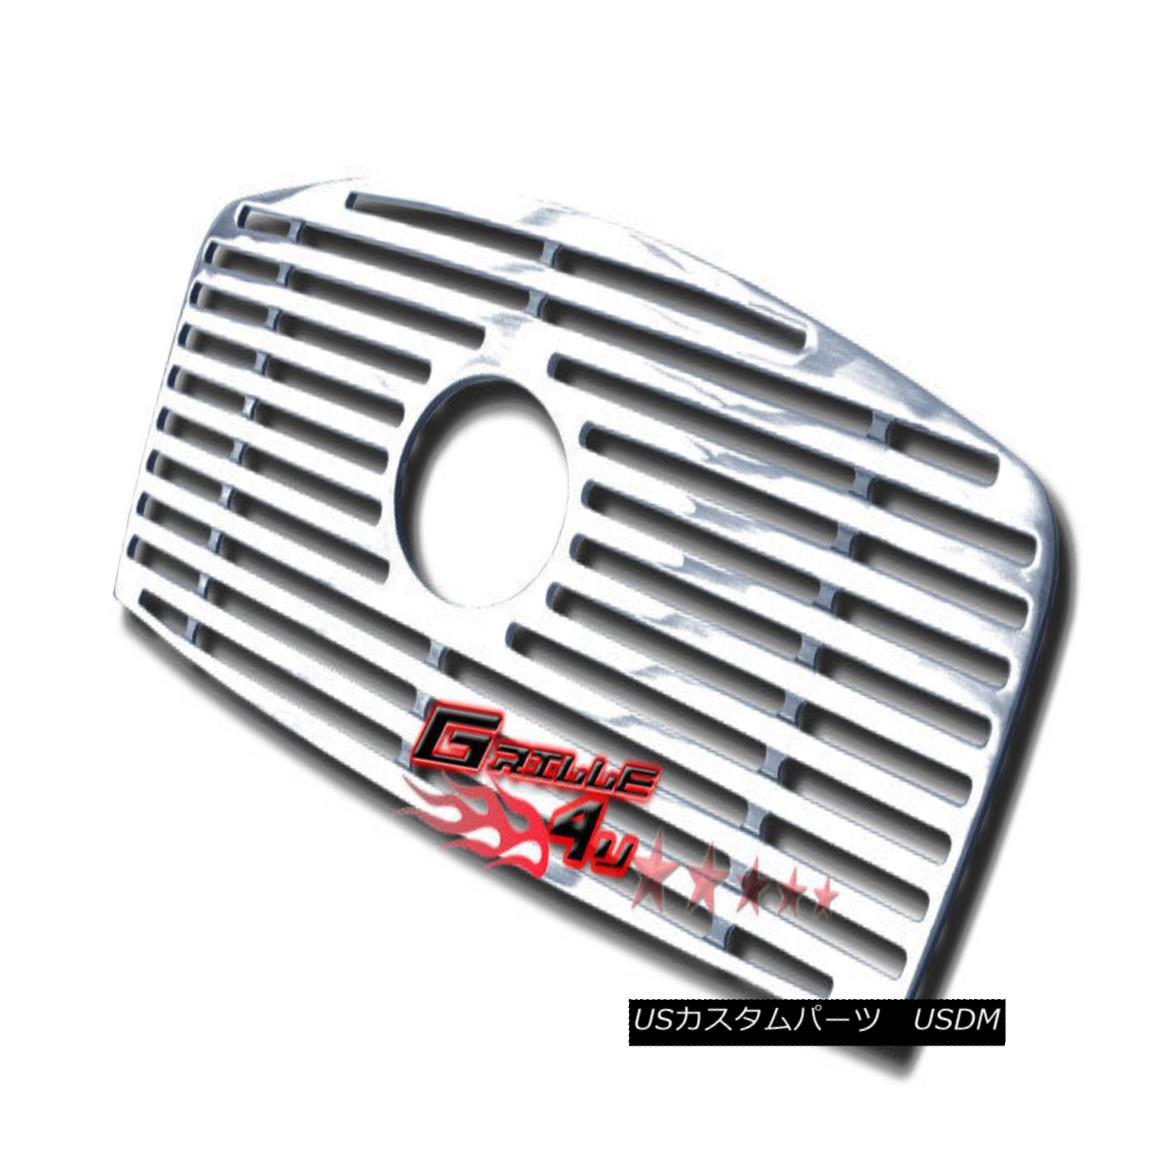 グリル Customized For 02-05 Fit Hyundai Sonata Perimeter Premium Grille Insert 02-05 Fit Hyundai Sonataペリメータープレミアムグリルインサート